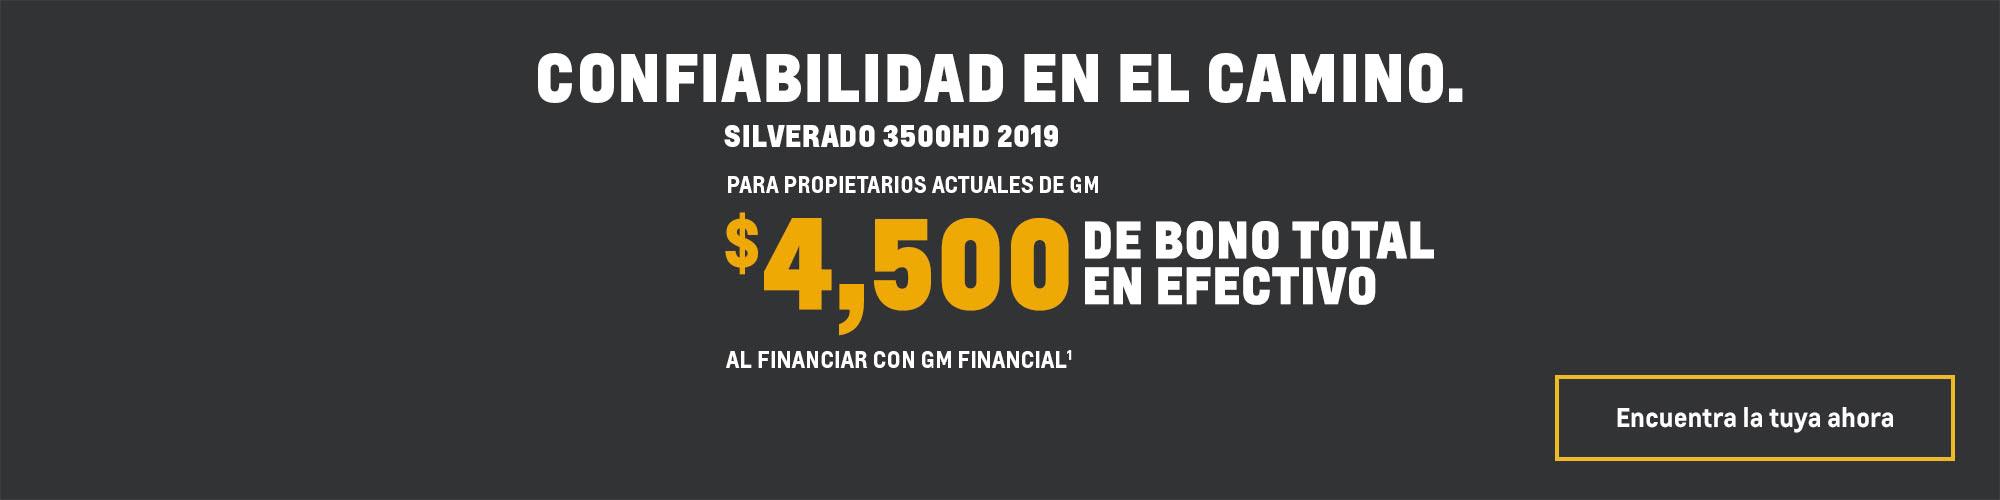 Silverado 3500HD 2019: $4,500 Bono total en efectivo